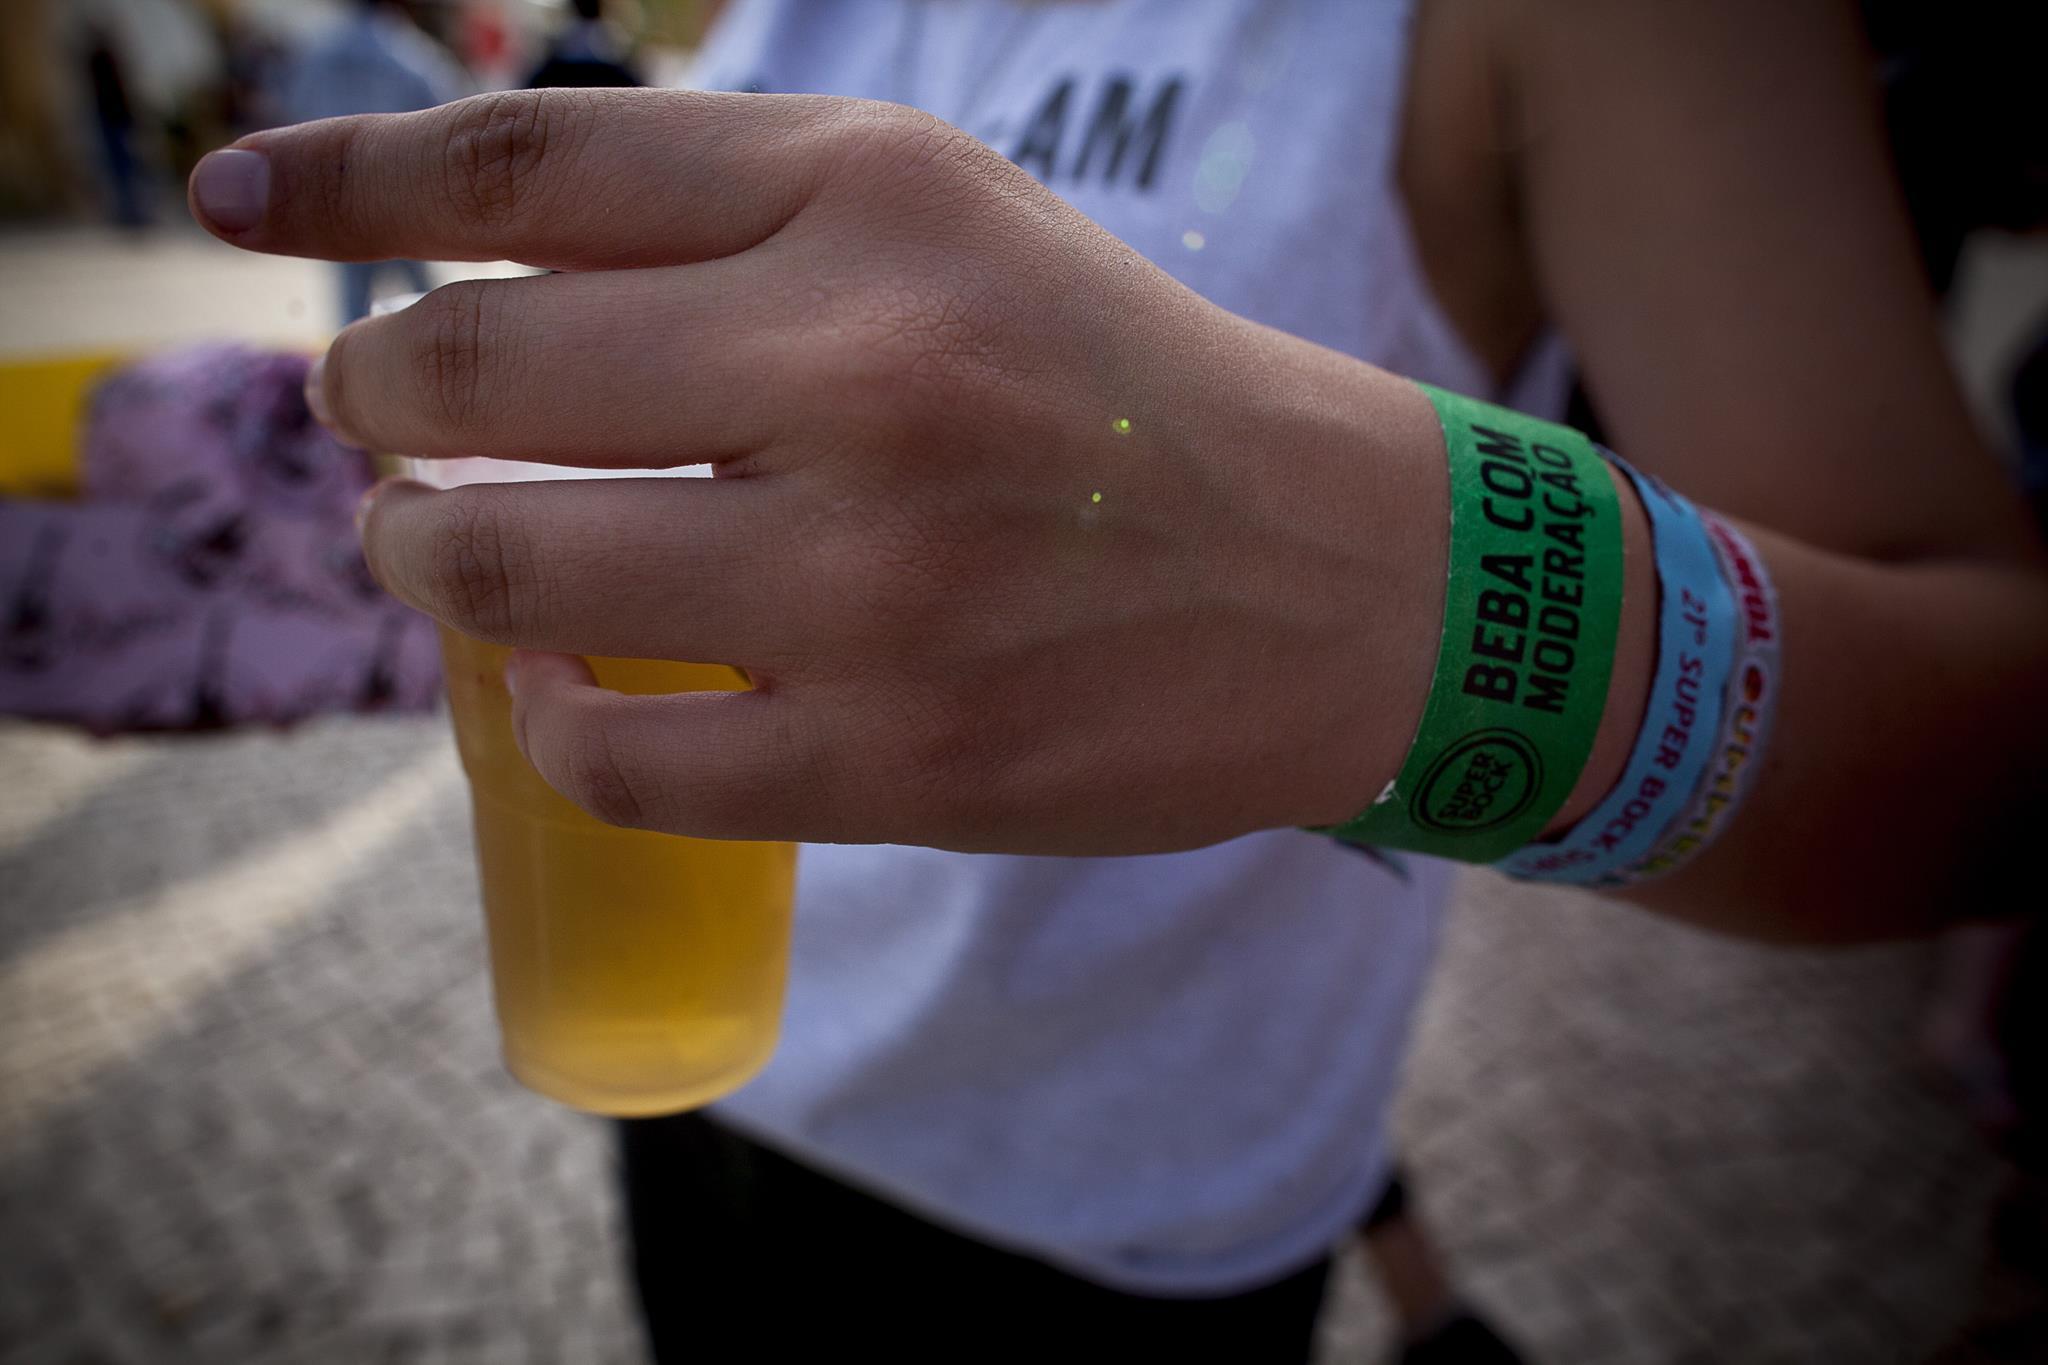 Quase três quartos dos adolescentes já experimentaram álcool